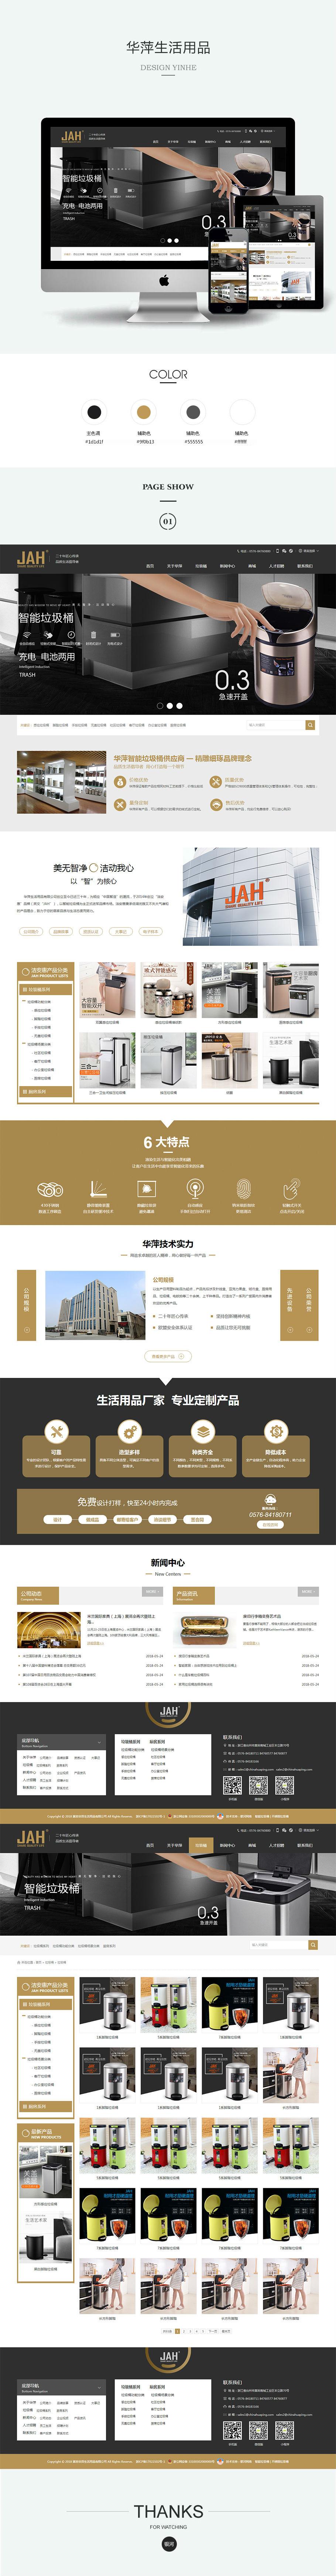 台州市黄岩华萍生活用品有限公司